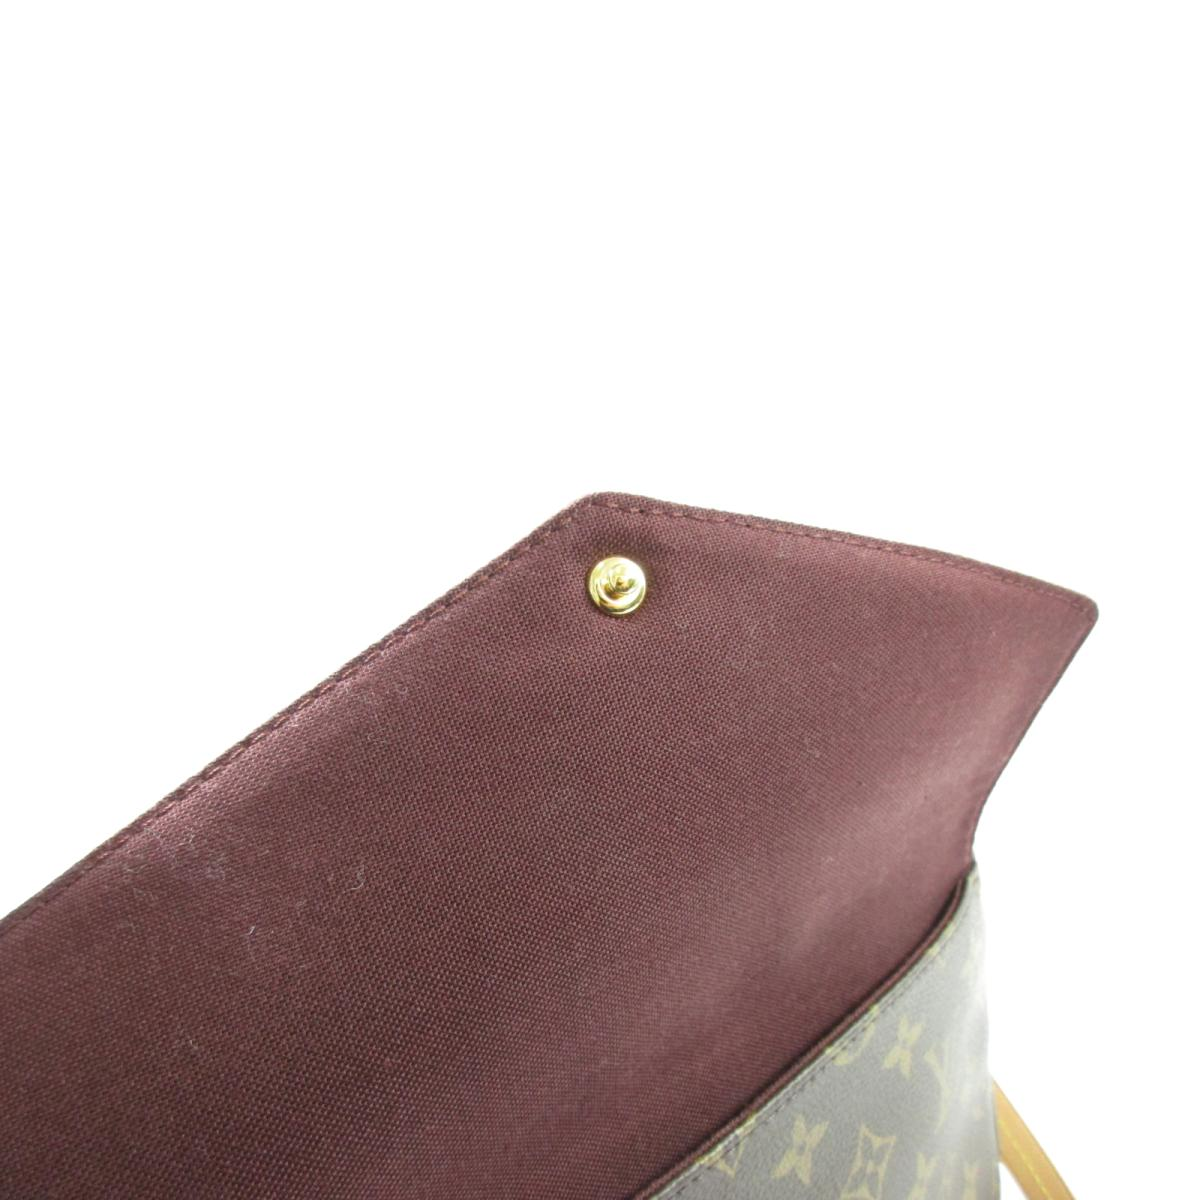 ルイヴィトン マビヨン ショルダーバッグ レディース モノグラムM41679LOUIS VUITTON BRANDOFF ブランドオフ ヴィトン ルイ・ヴィトン ブランド ブランドバッグ ブランドバック バッグ バック ショルダーxQsorthCBd